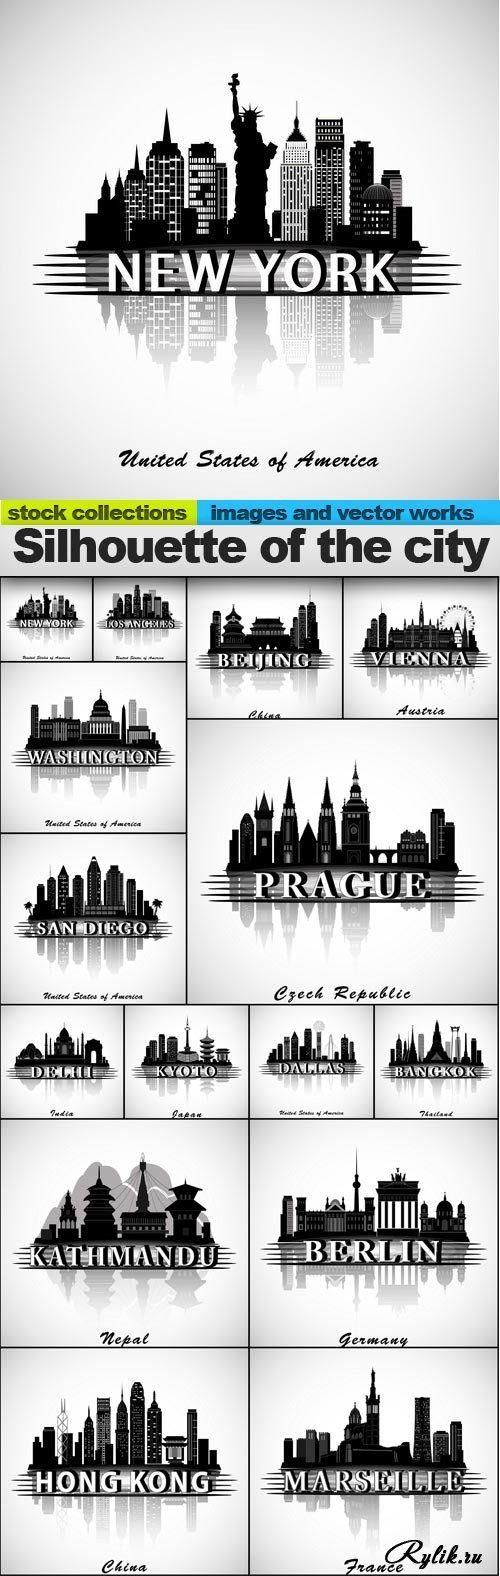 Силуэты городов в векторе. Silhouette of the city